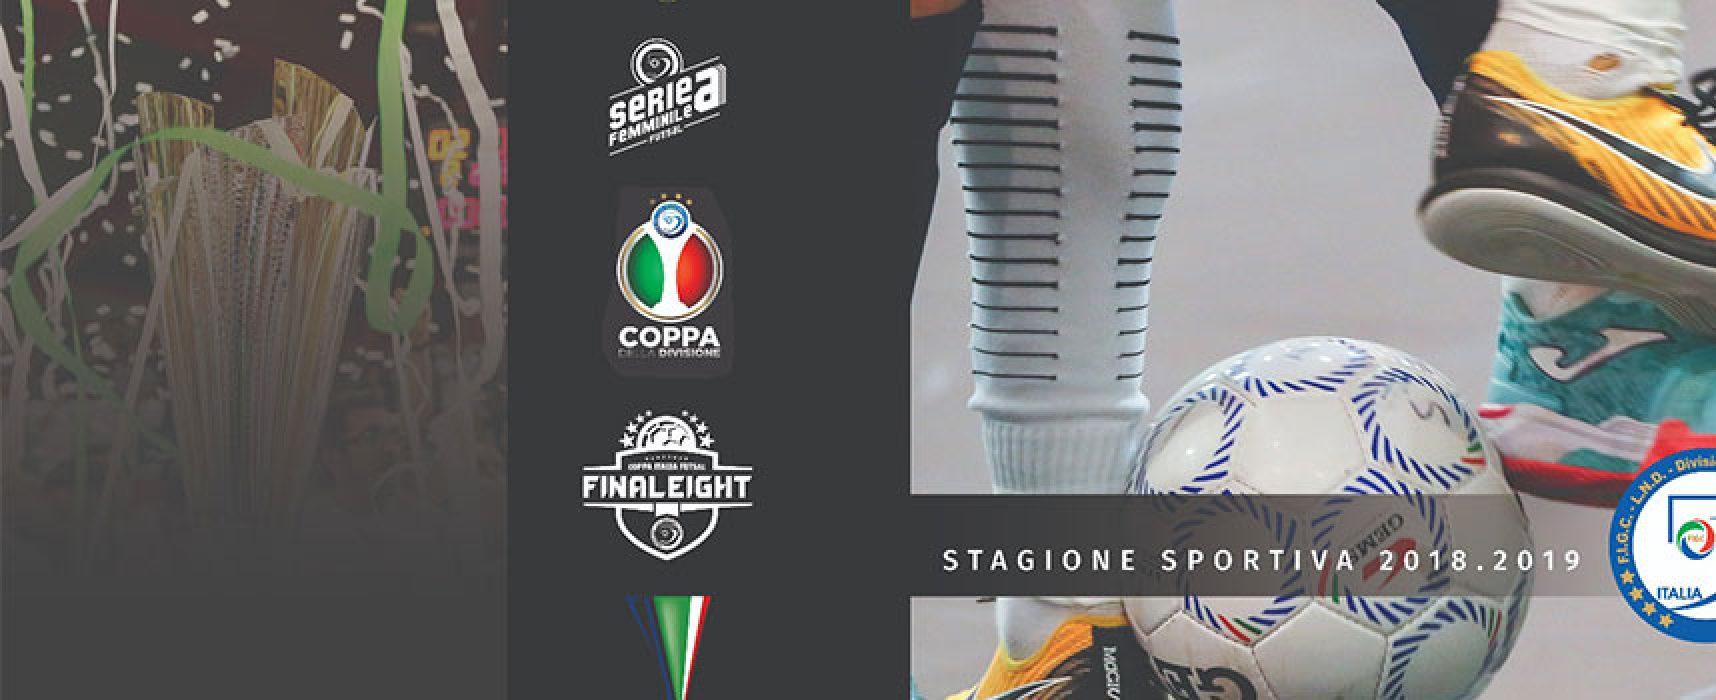 Calcio a 5: le avversarie di Futsal Bisceglie e Bisceglie Femminile, Diaz in serie B!